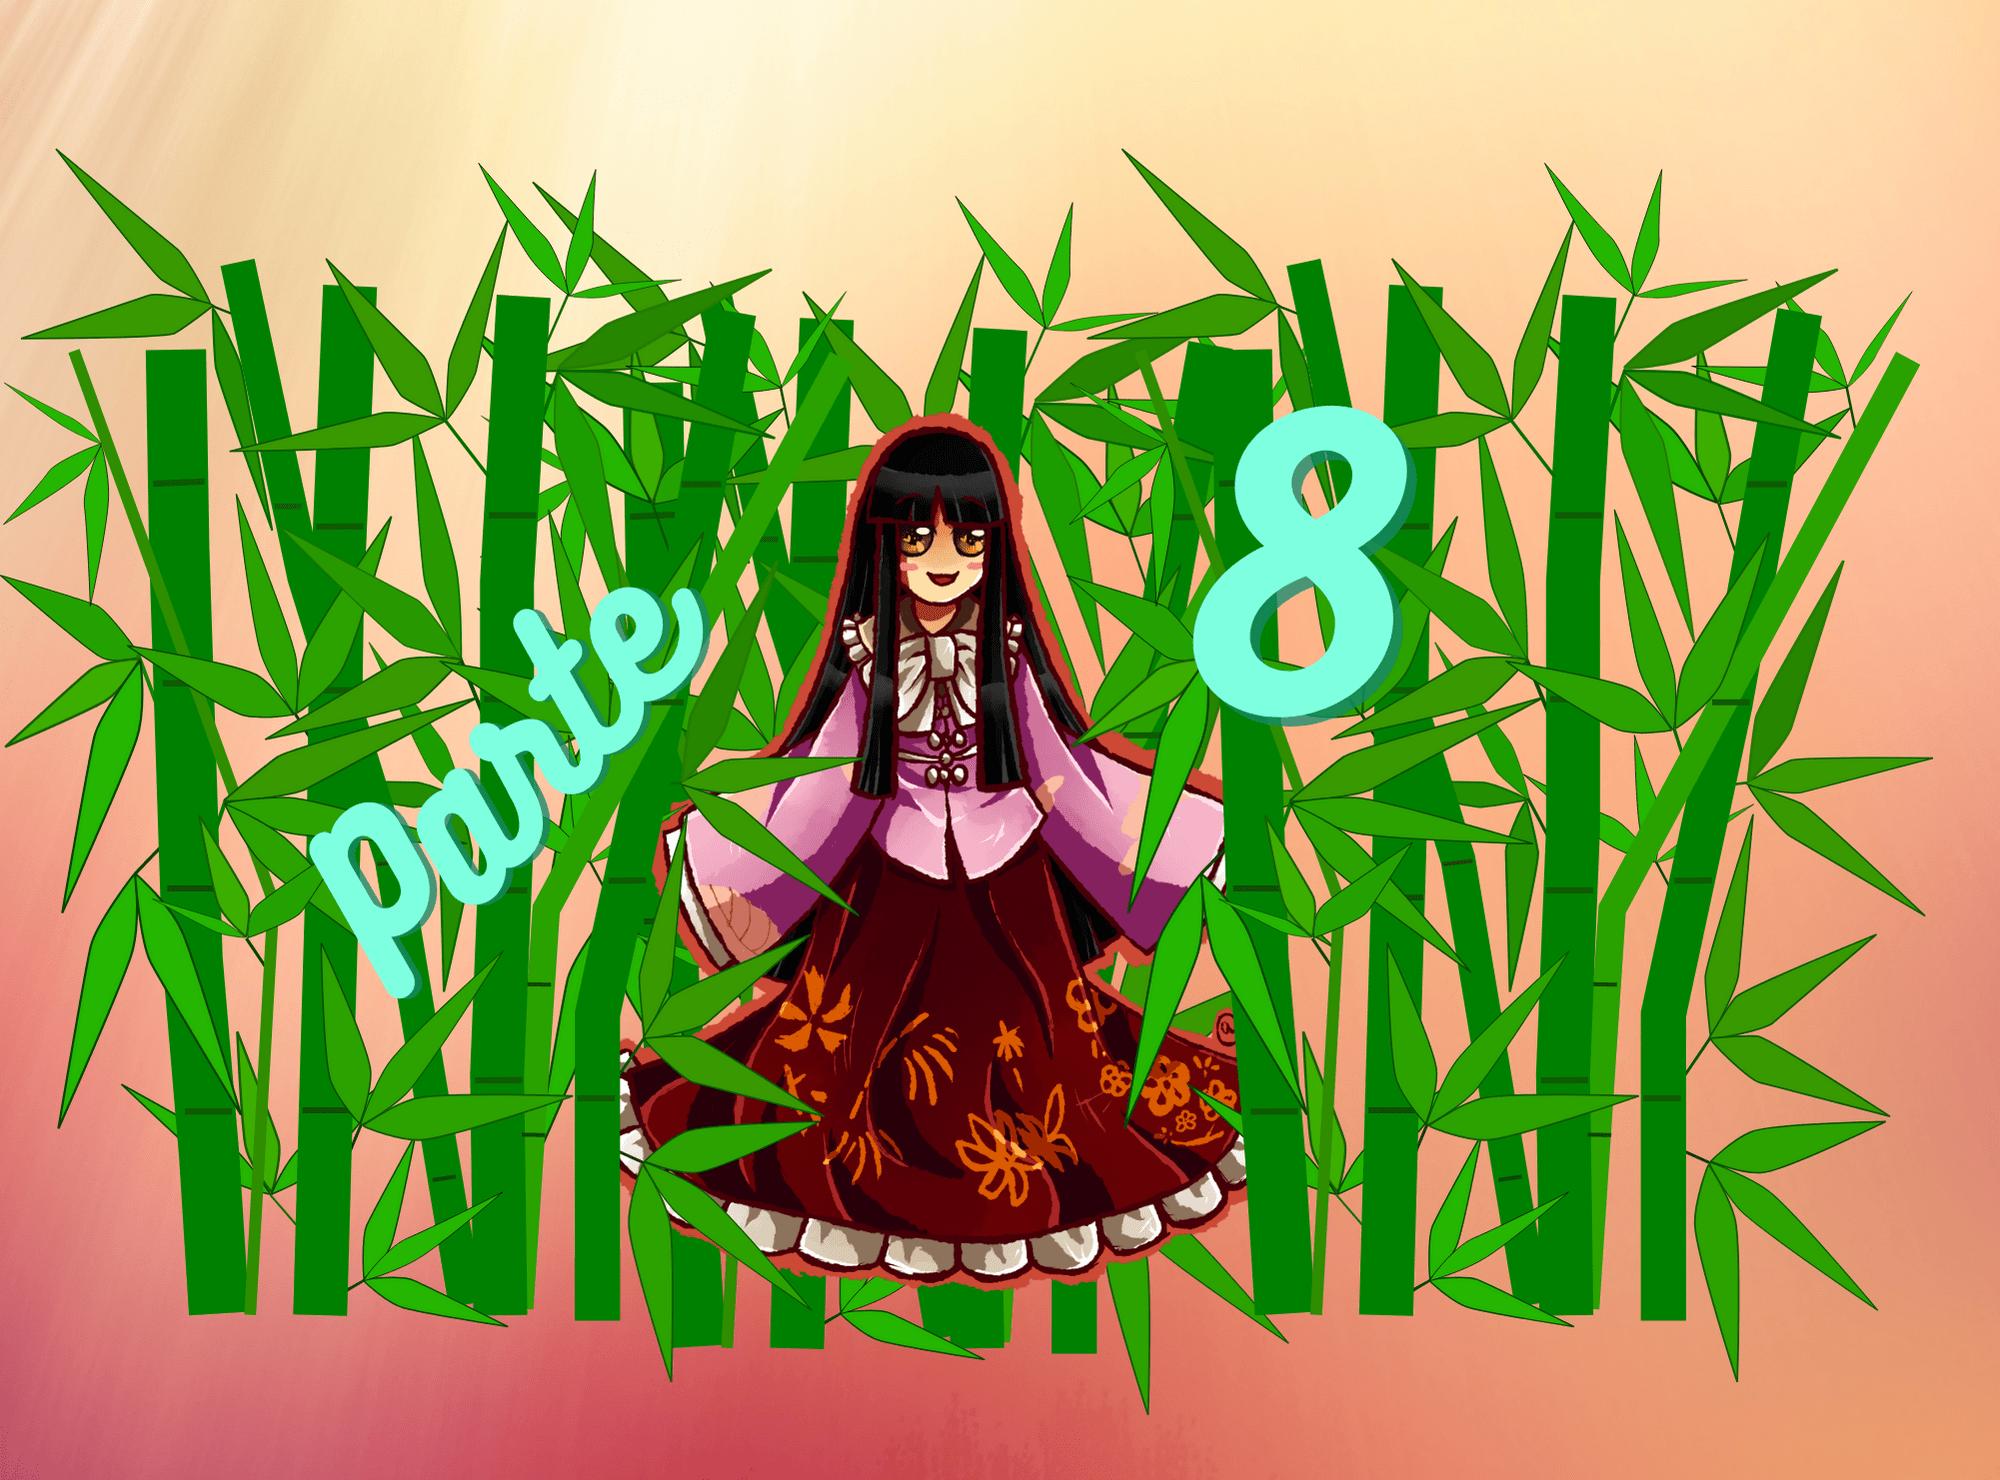 Práctica de lectura N5 de Hiragana: Princesa Kaguya parte 8 (La piel de un ratón de fuego)